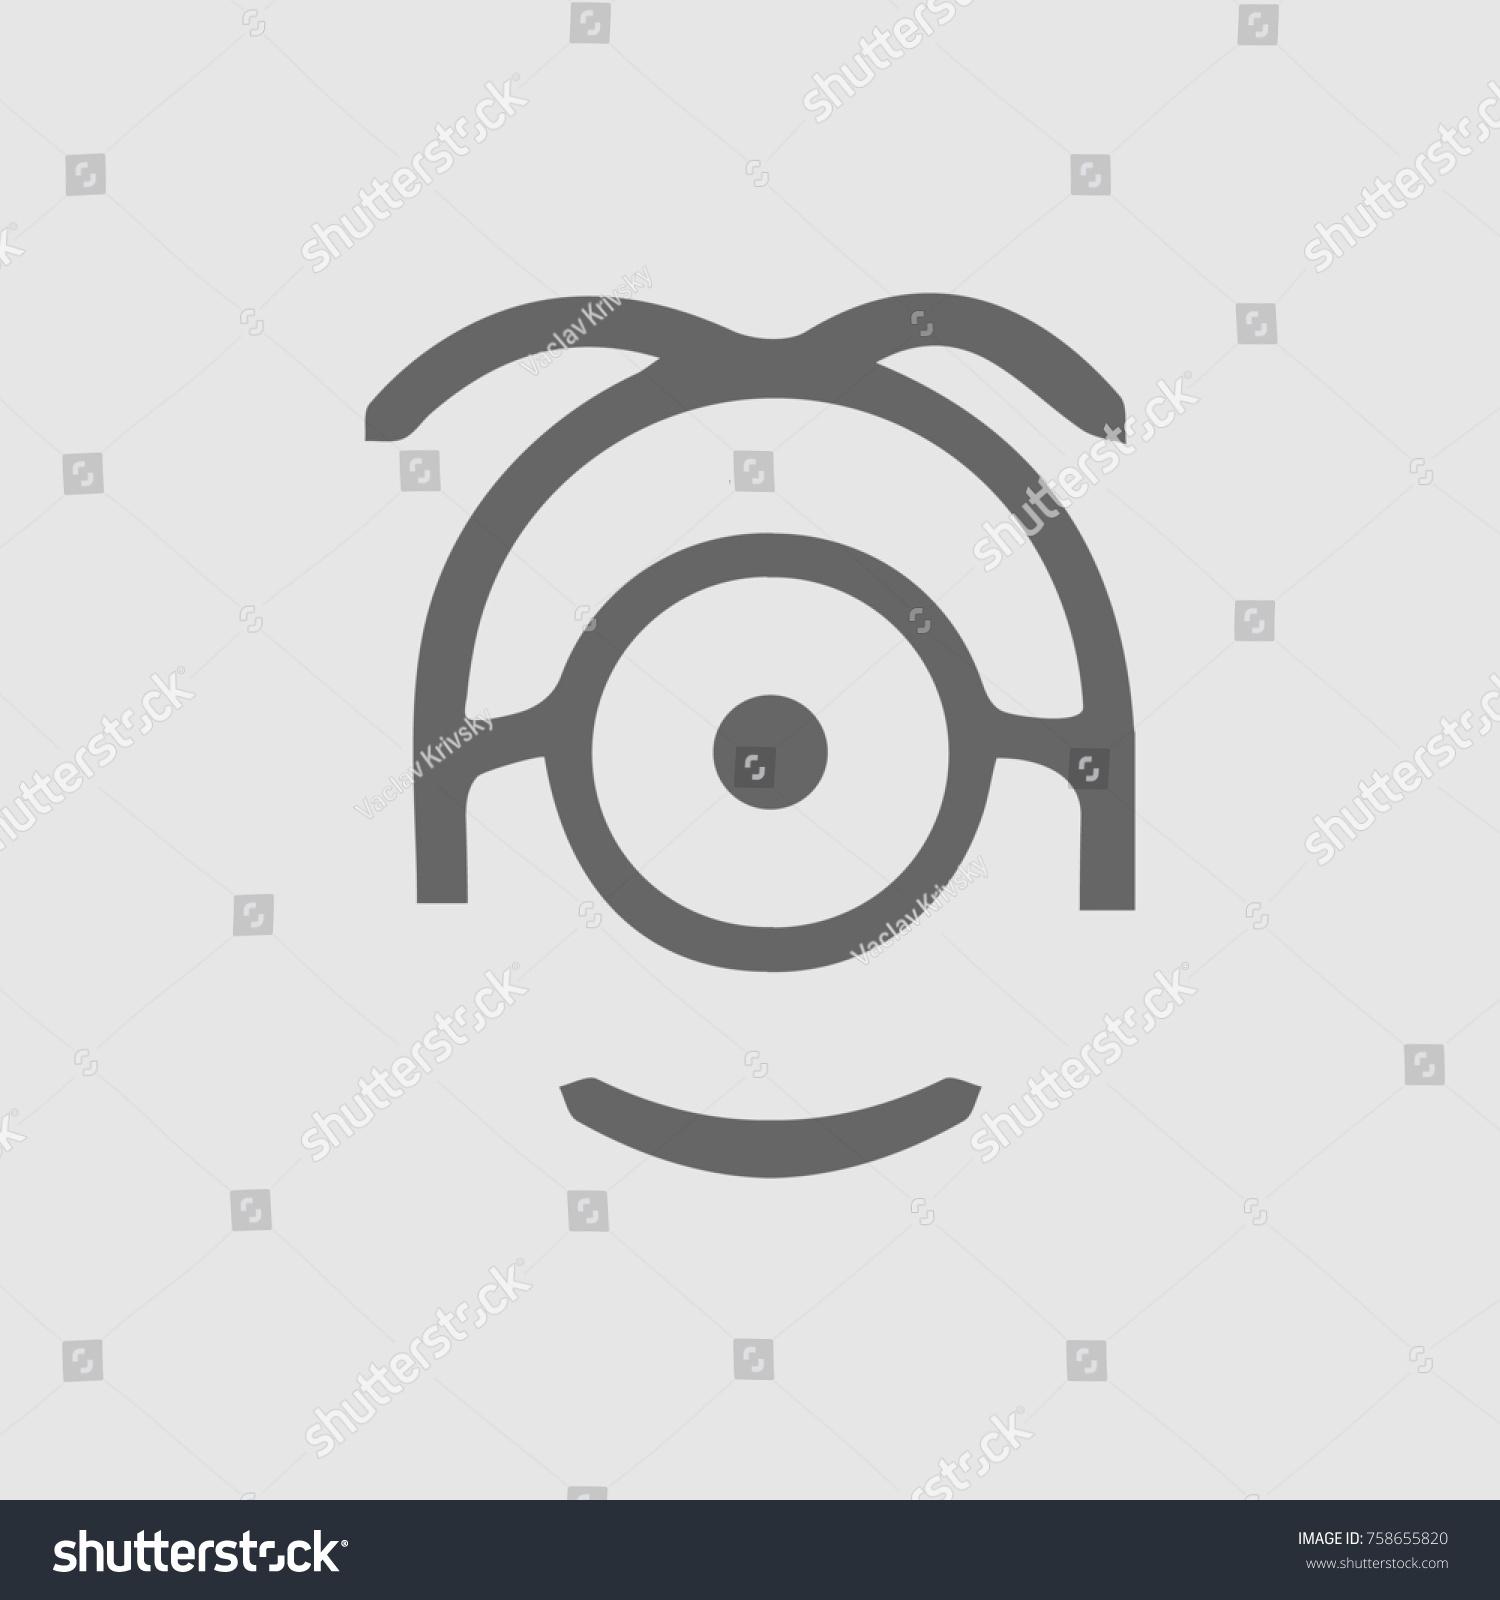 Minion Vector Icon Eps 10 Vector de stock758655820: Shutterstock